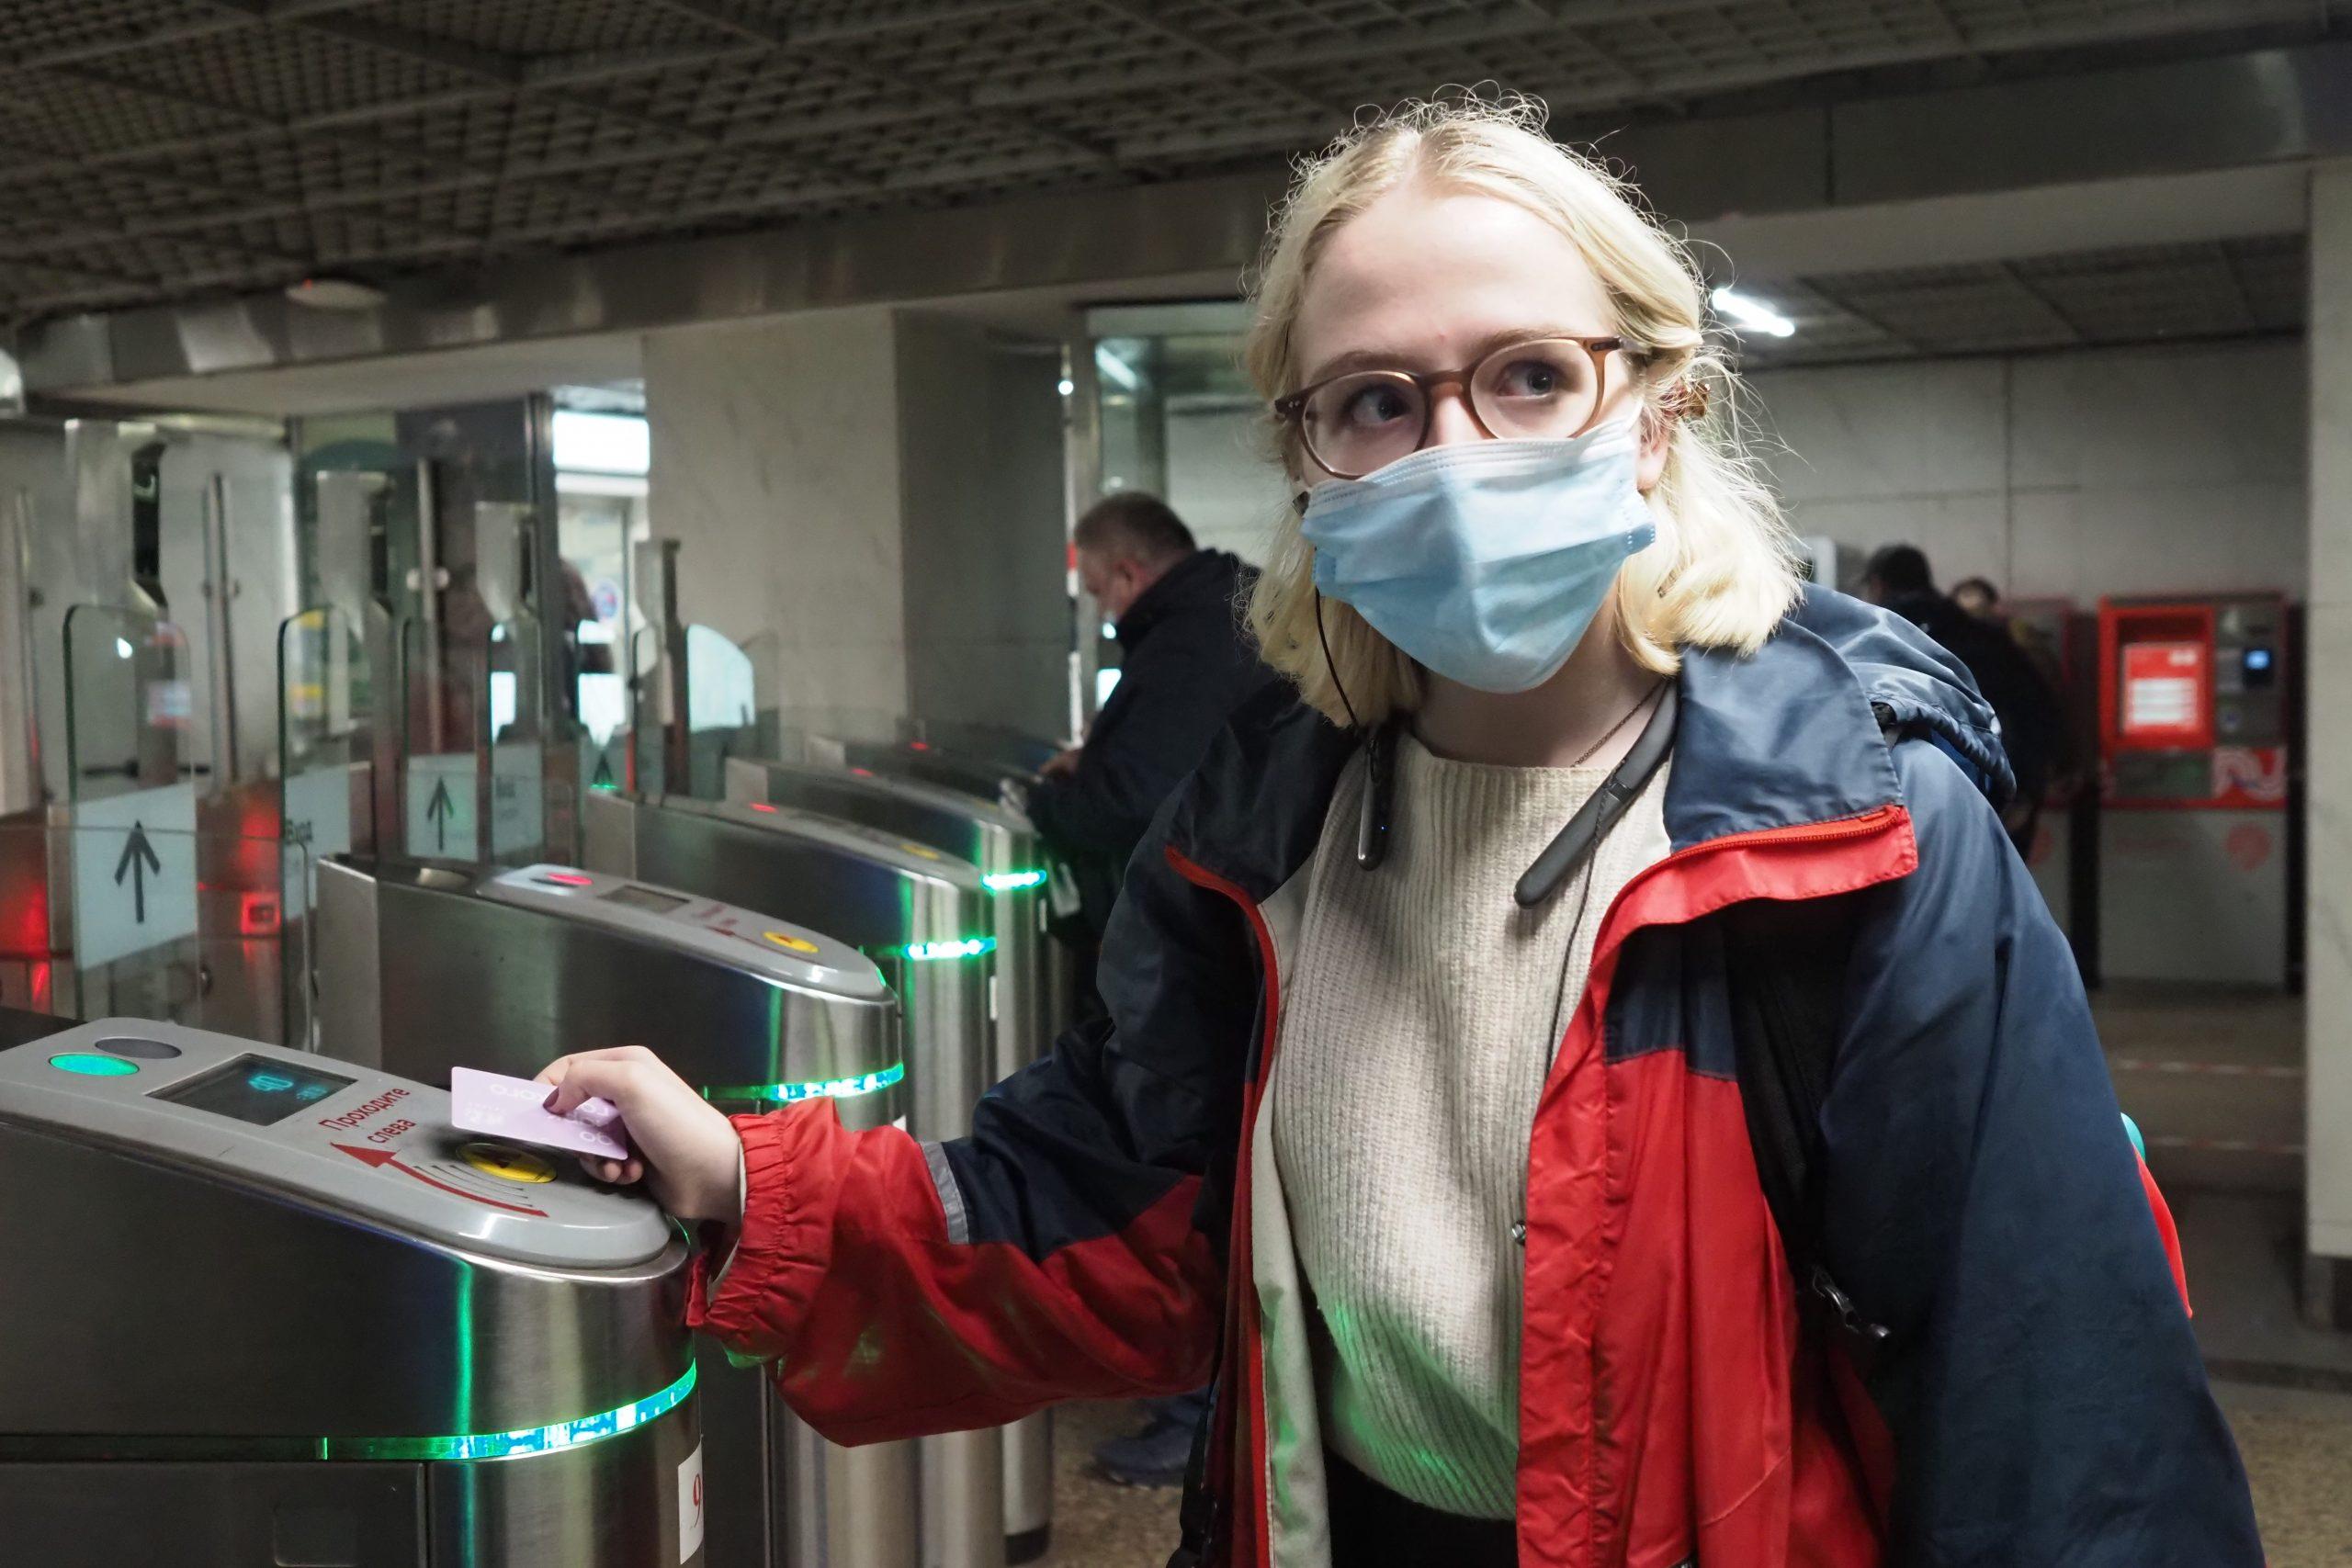 В столичном метро установлен рекорд по числу оплаты поездок банковскими картами